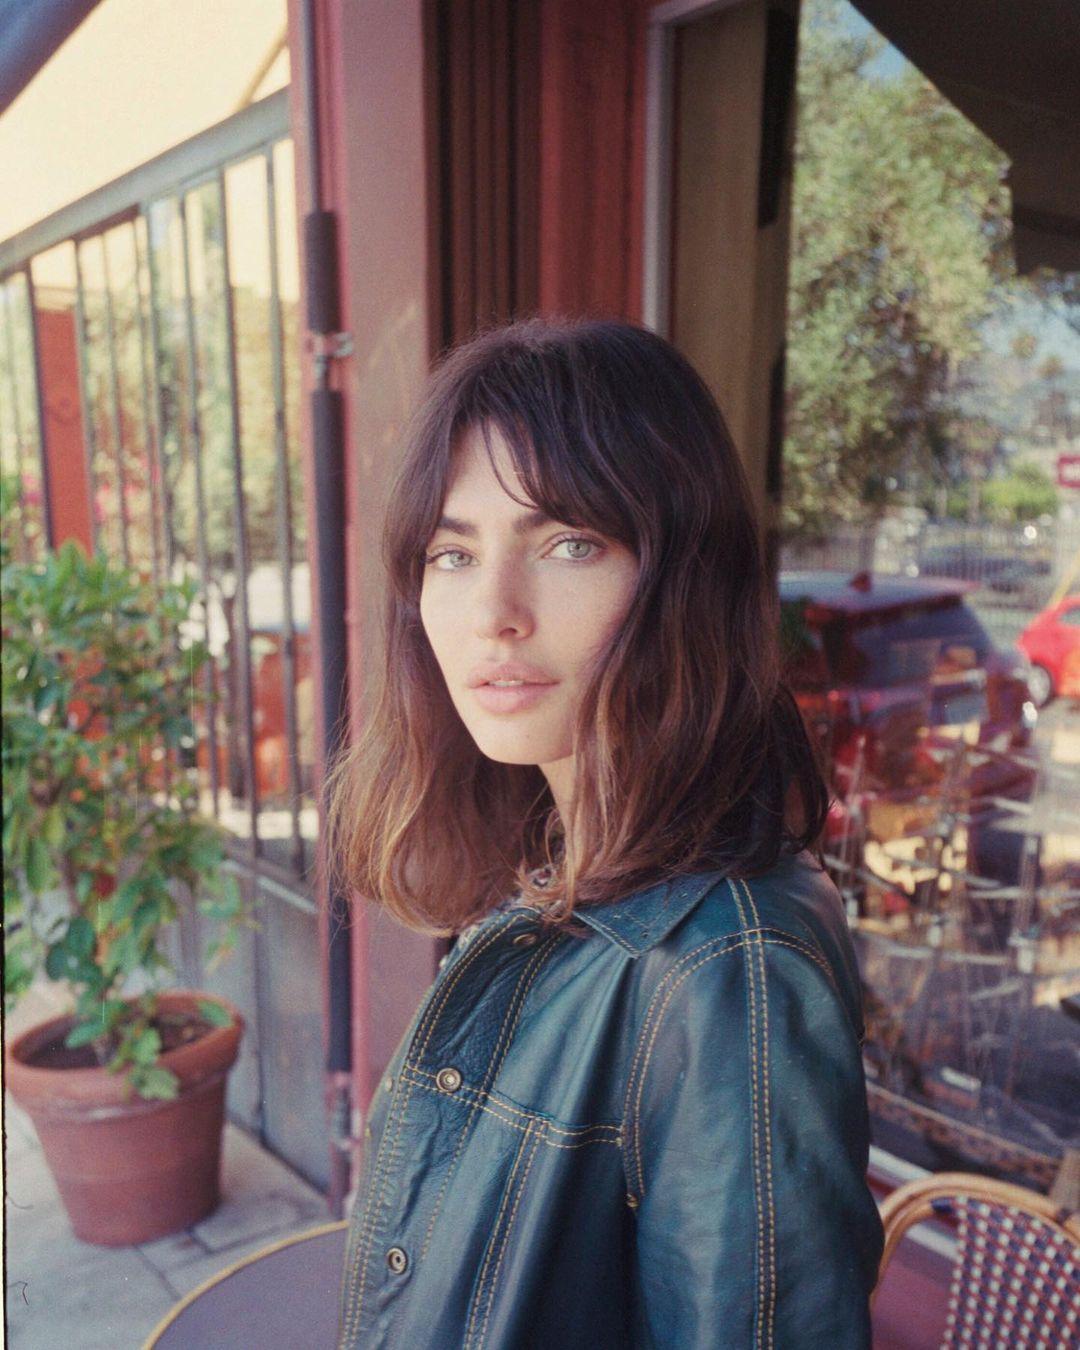 Alyssa-Miller-Wallpapers-Insta-Fit-Bio-3